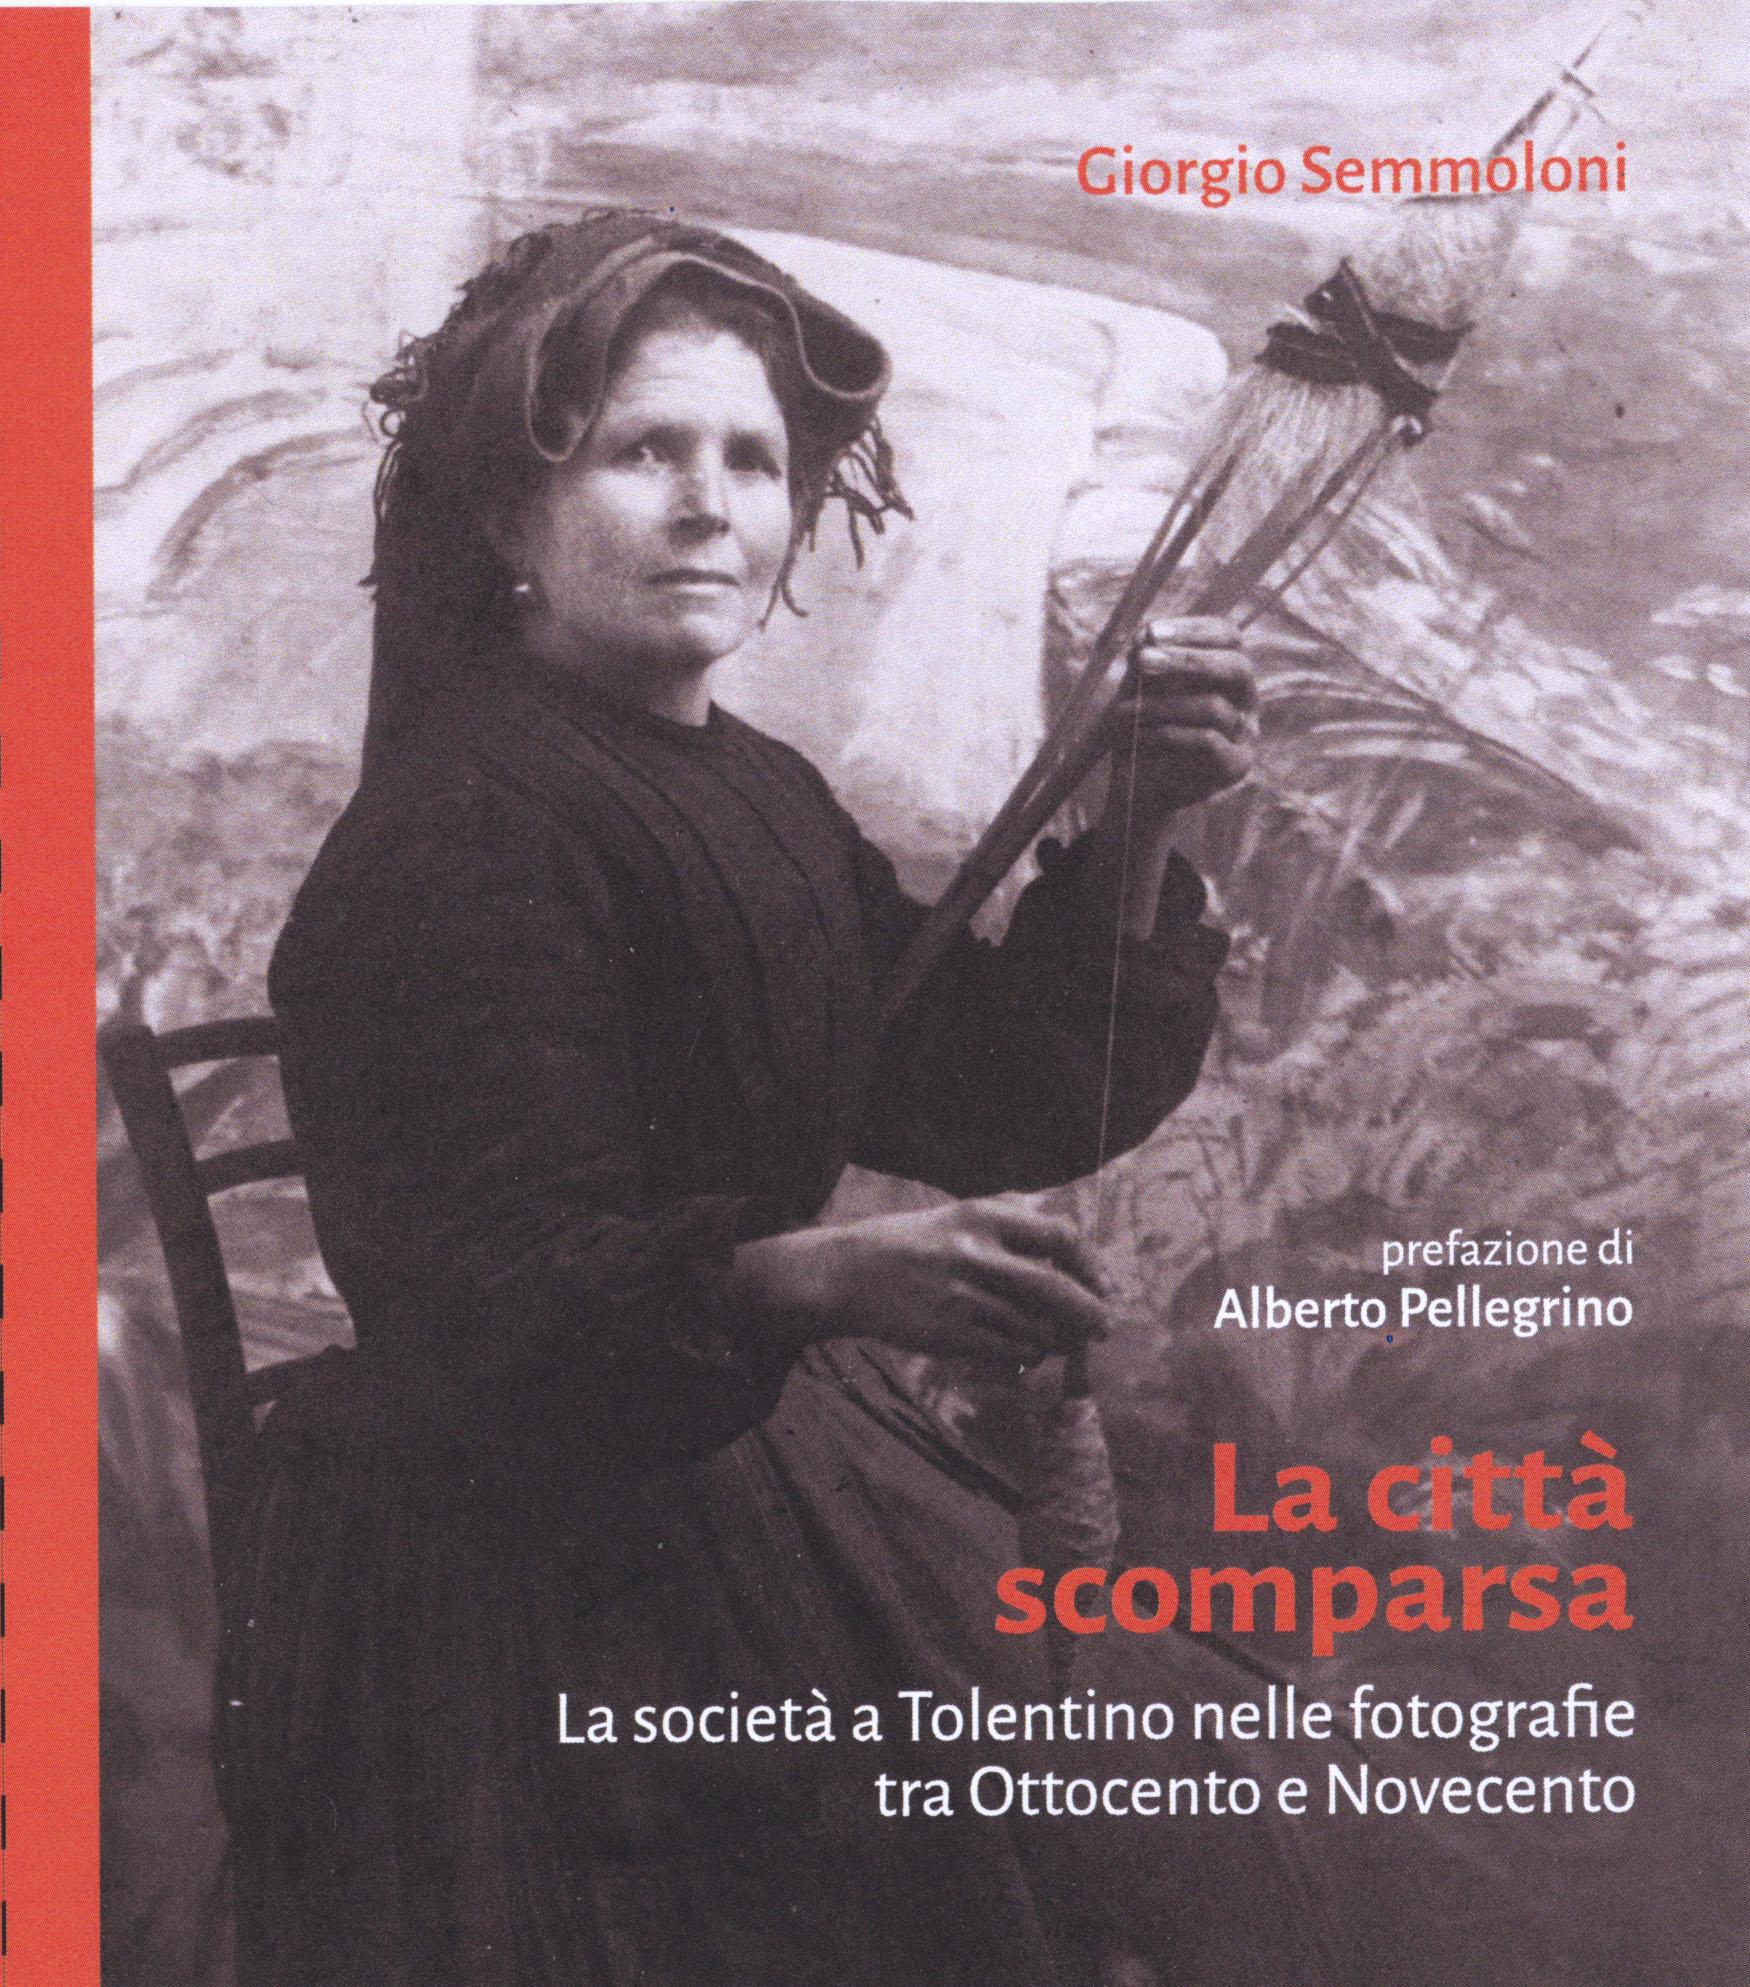 copertina libro Semmoloni